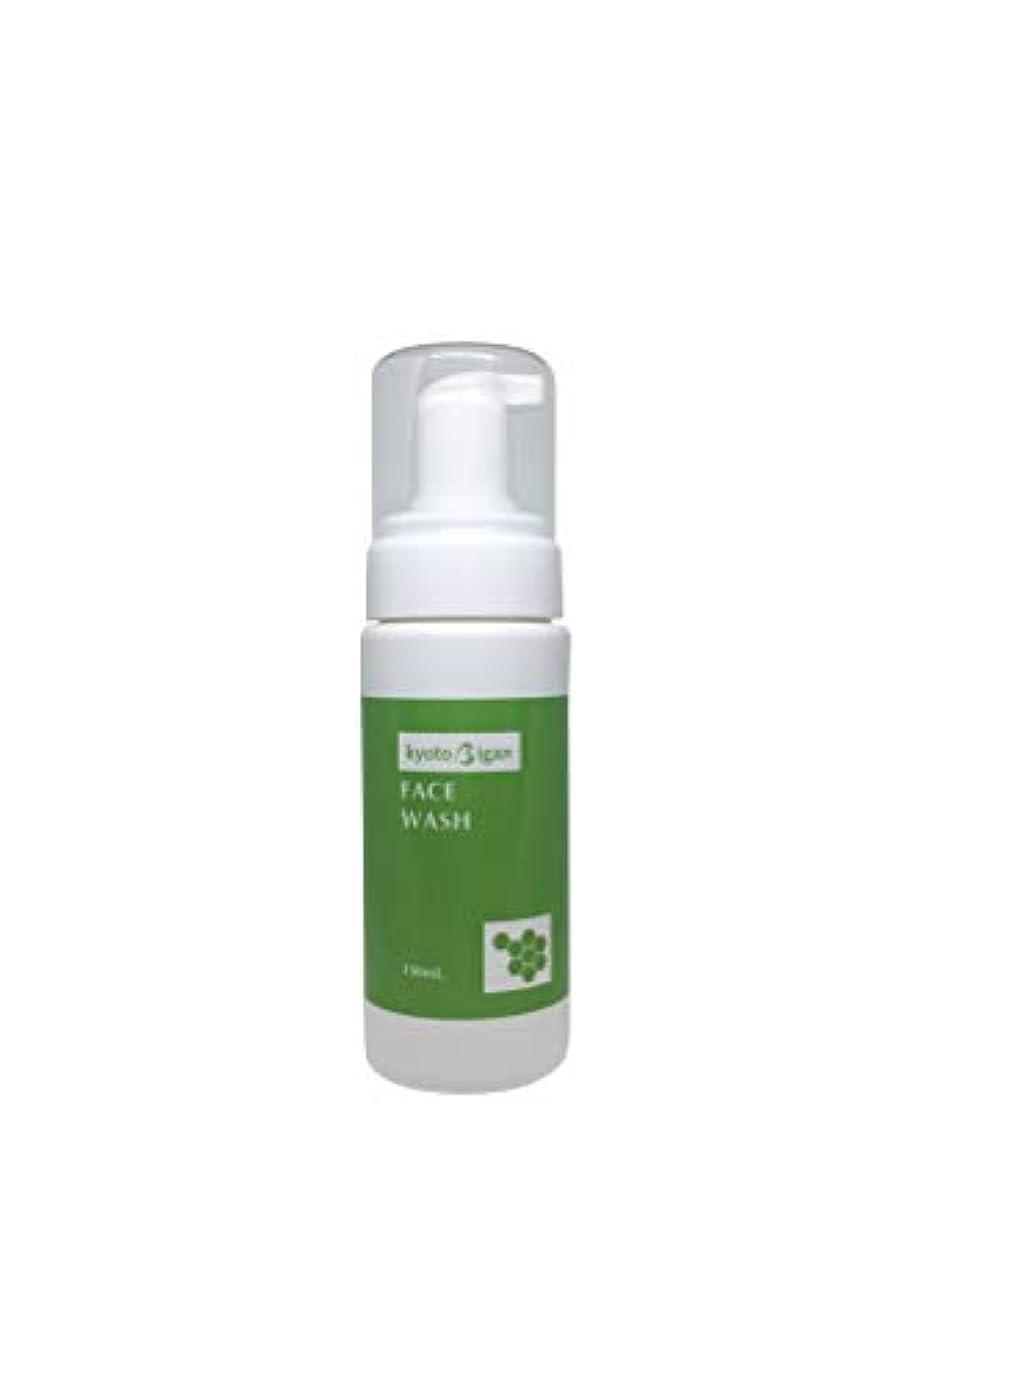 苦しみ経度南方のフェイスウォッシュ(泡の洗顔料,敏感肌乾燥肌対応,ローヤルゼリーハーブエキス配合)